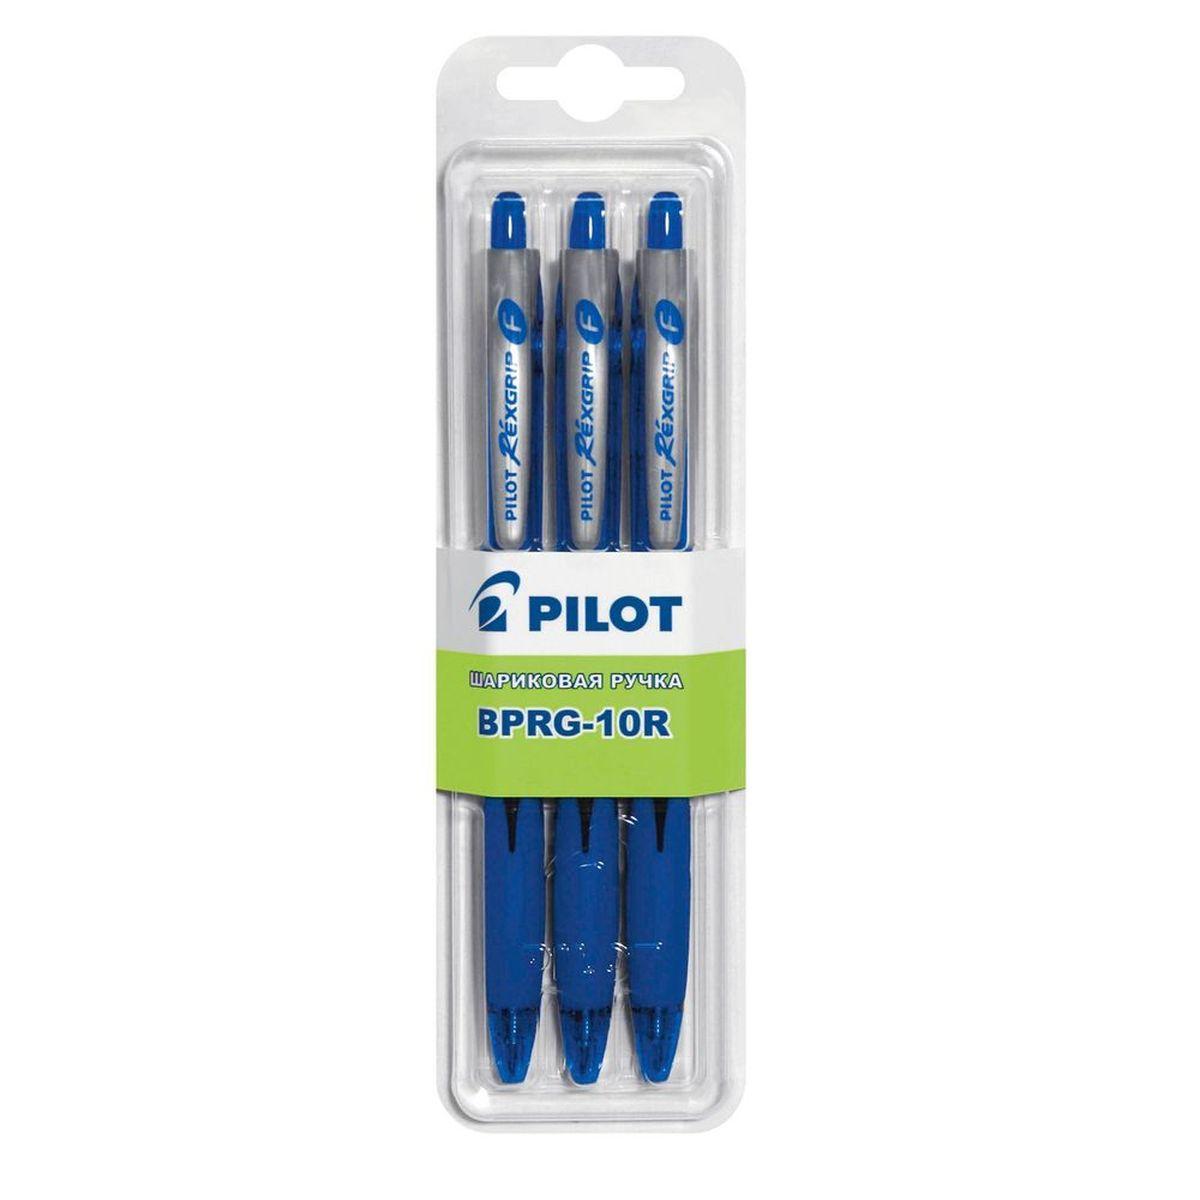 Pilot Набор шариковых ручек BPRG-10R цвет синий 3 штB-BPRG-10-3LНабор шариковых ручек Pilot BPRG-10R - незаменимый предмет на любом рабочем столе. Корпус ручек выполнен из прочного прозрачного пластика. Автоматическая шариковая ручка имеет резиновый упор для пальцев, что обеспечивает комфорт и удобство при письме, так как позволяет пальцам принять естественное положение. Стержень имеет шарик из карбида вольфрама диаметром 0,7 мм, толщина линии - 0,32 мм. Такая ручка обеспечит четкий цвет и мягкое письмо. В наборе 3 ручки.